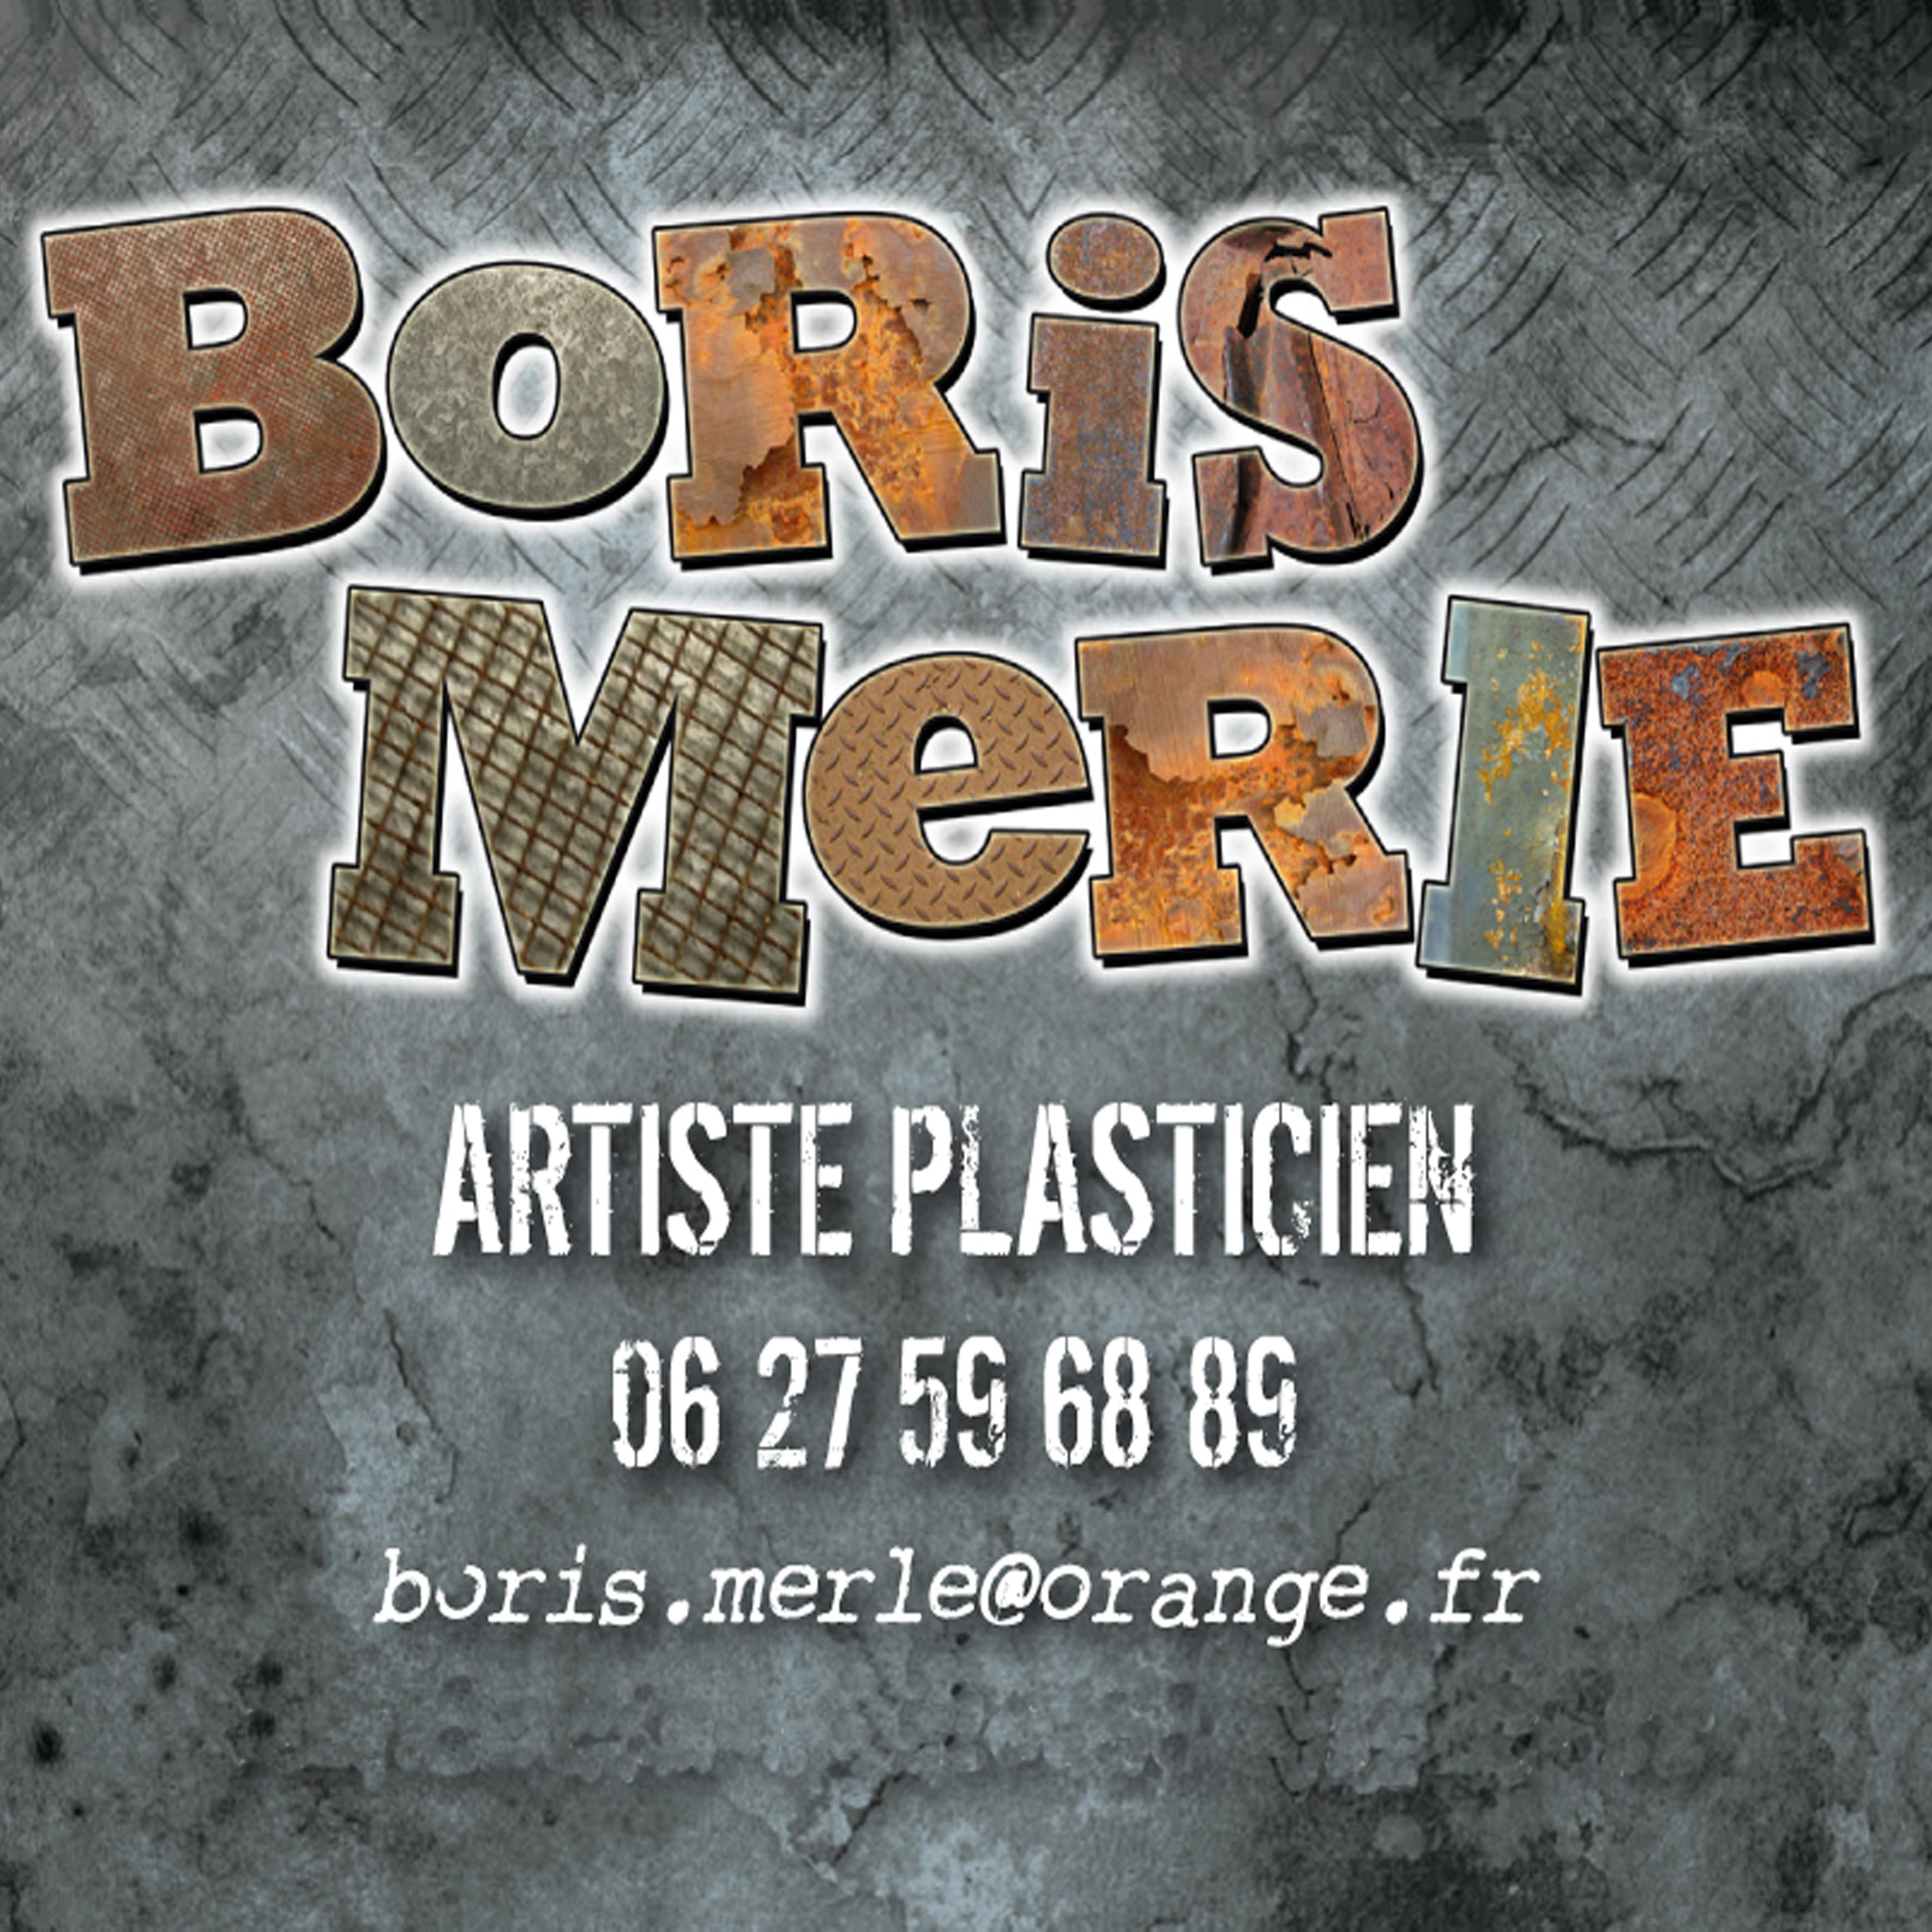 Boris Merle